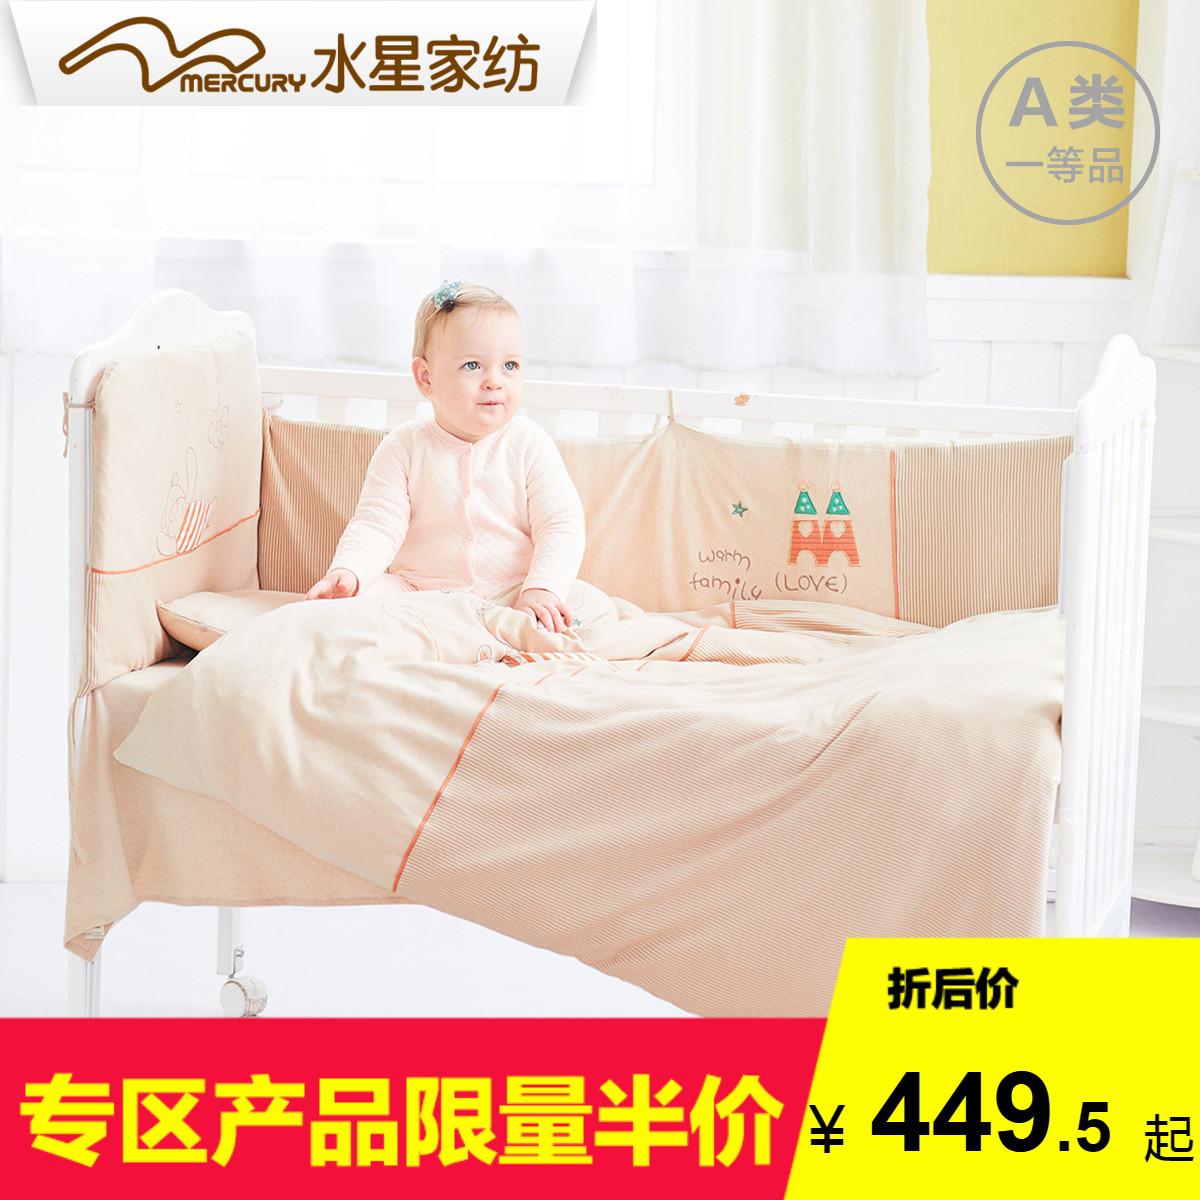 Вода звезда домой спин кровать для младенца использование статья восемь частей новорожденных хлопок BABY papa bear кровать группа восемь частей